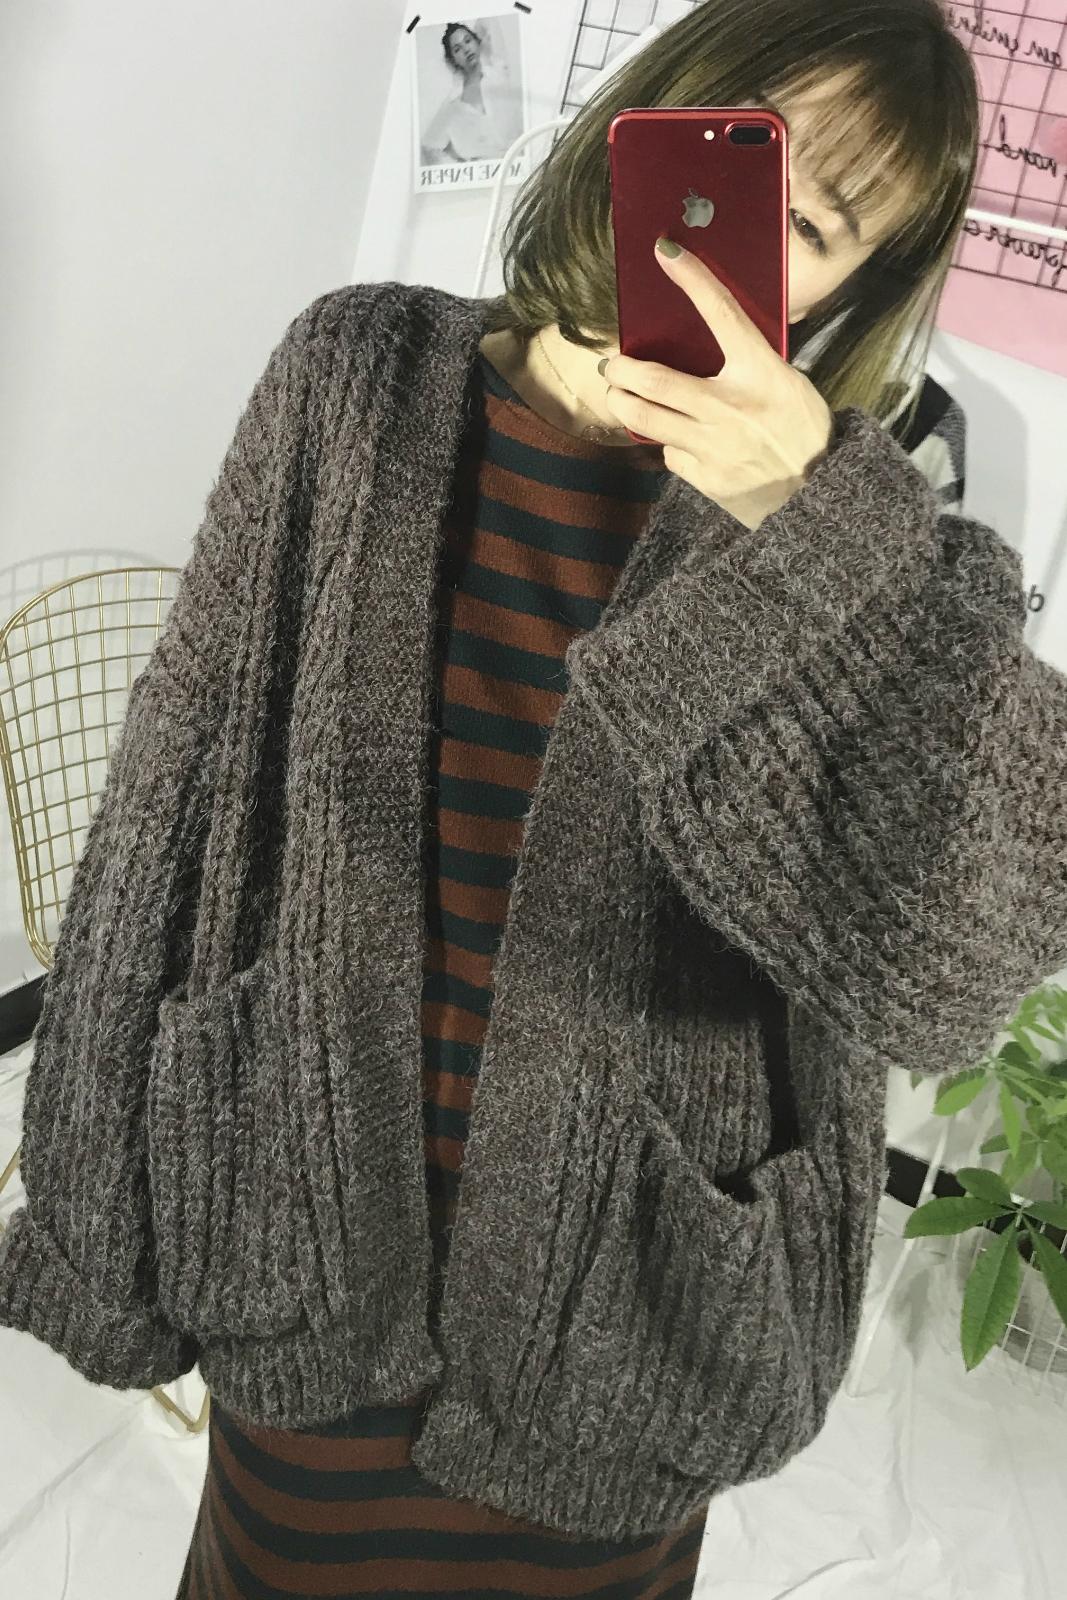 frissen a delicious17 秋冬 韩版 bő pulcsit. - laza kabát a melaszt a kardigánomat